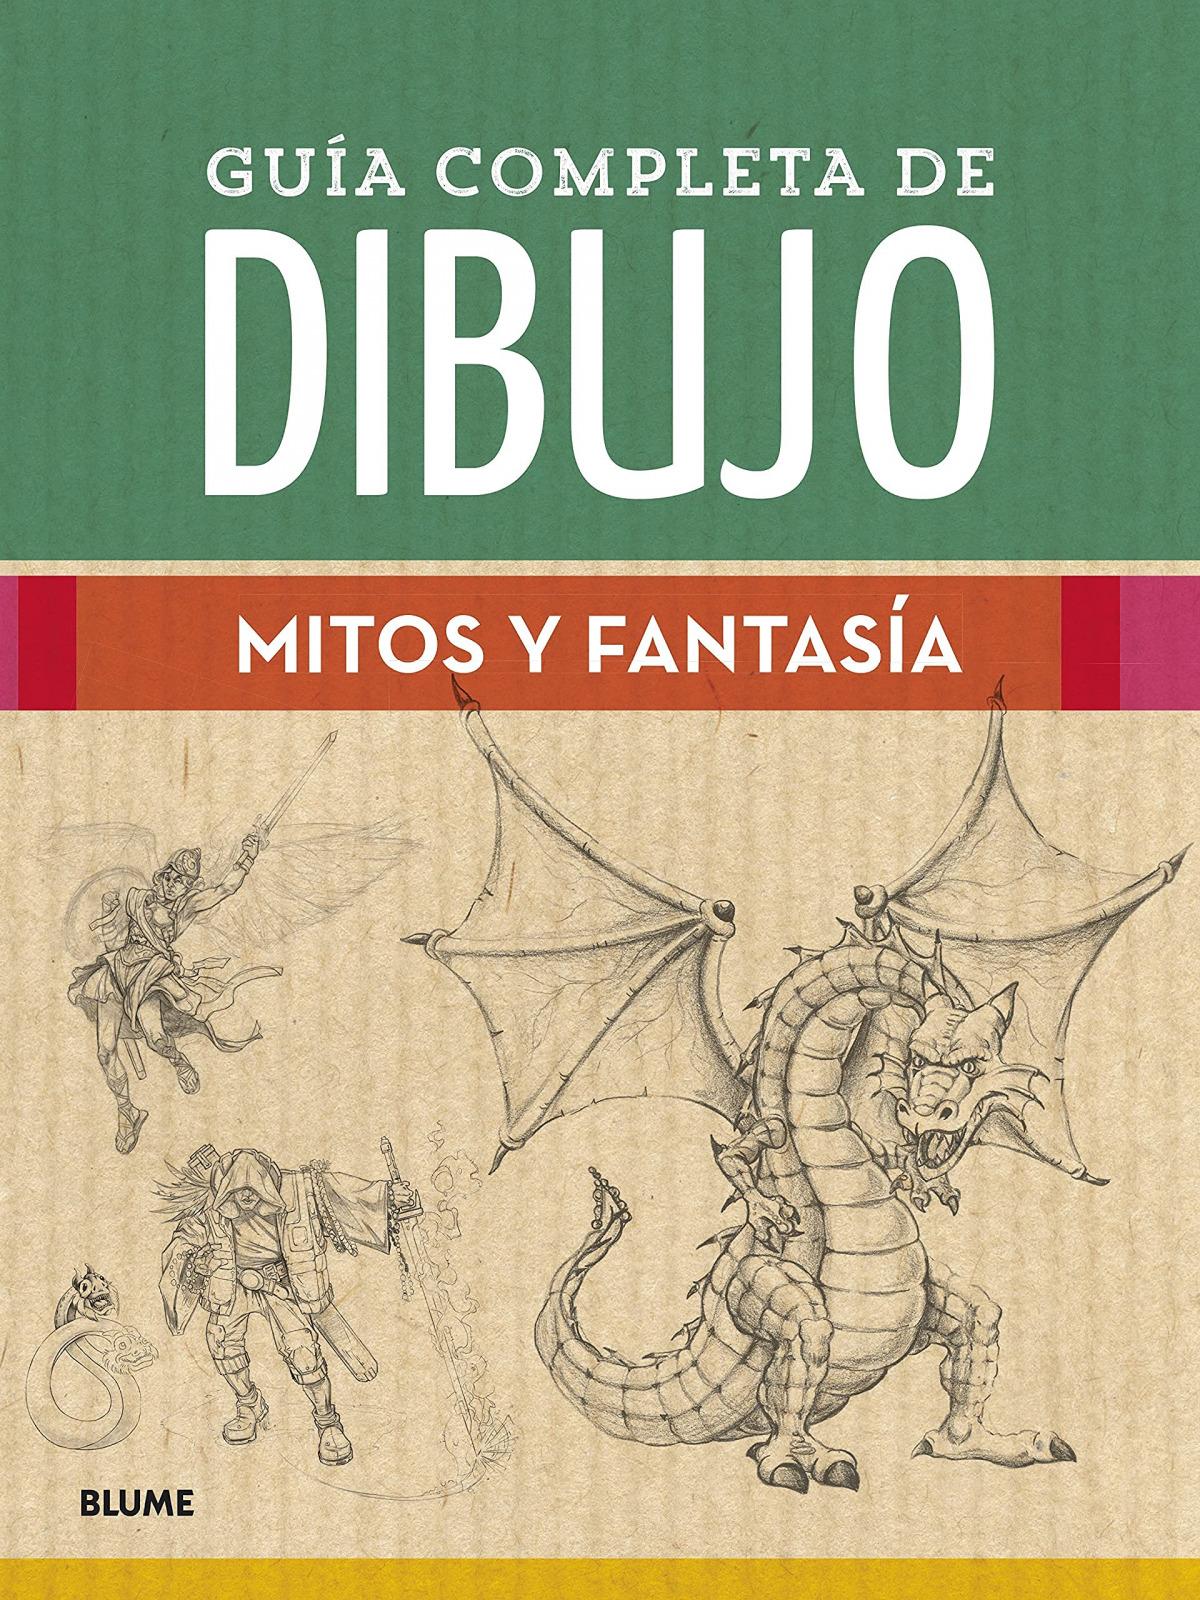 Guía completa de dibujo. Mitos y fantasía